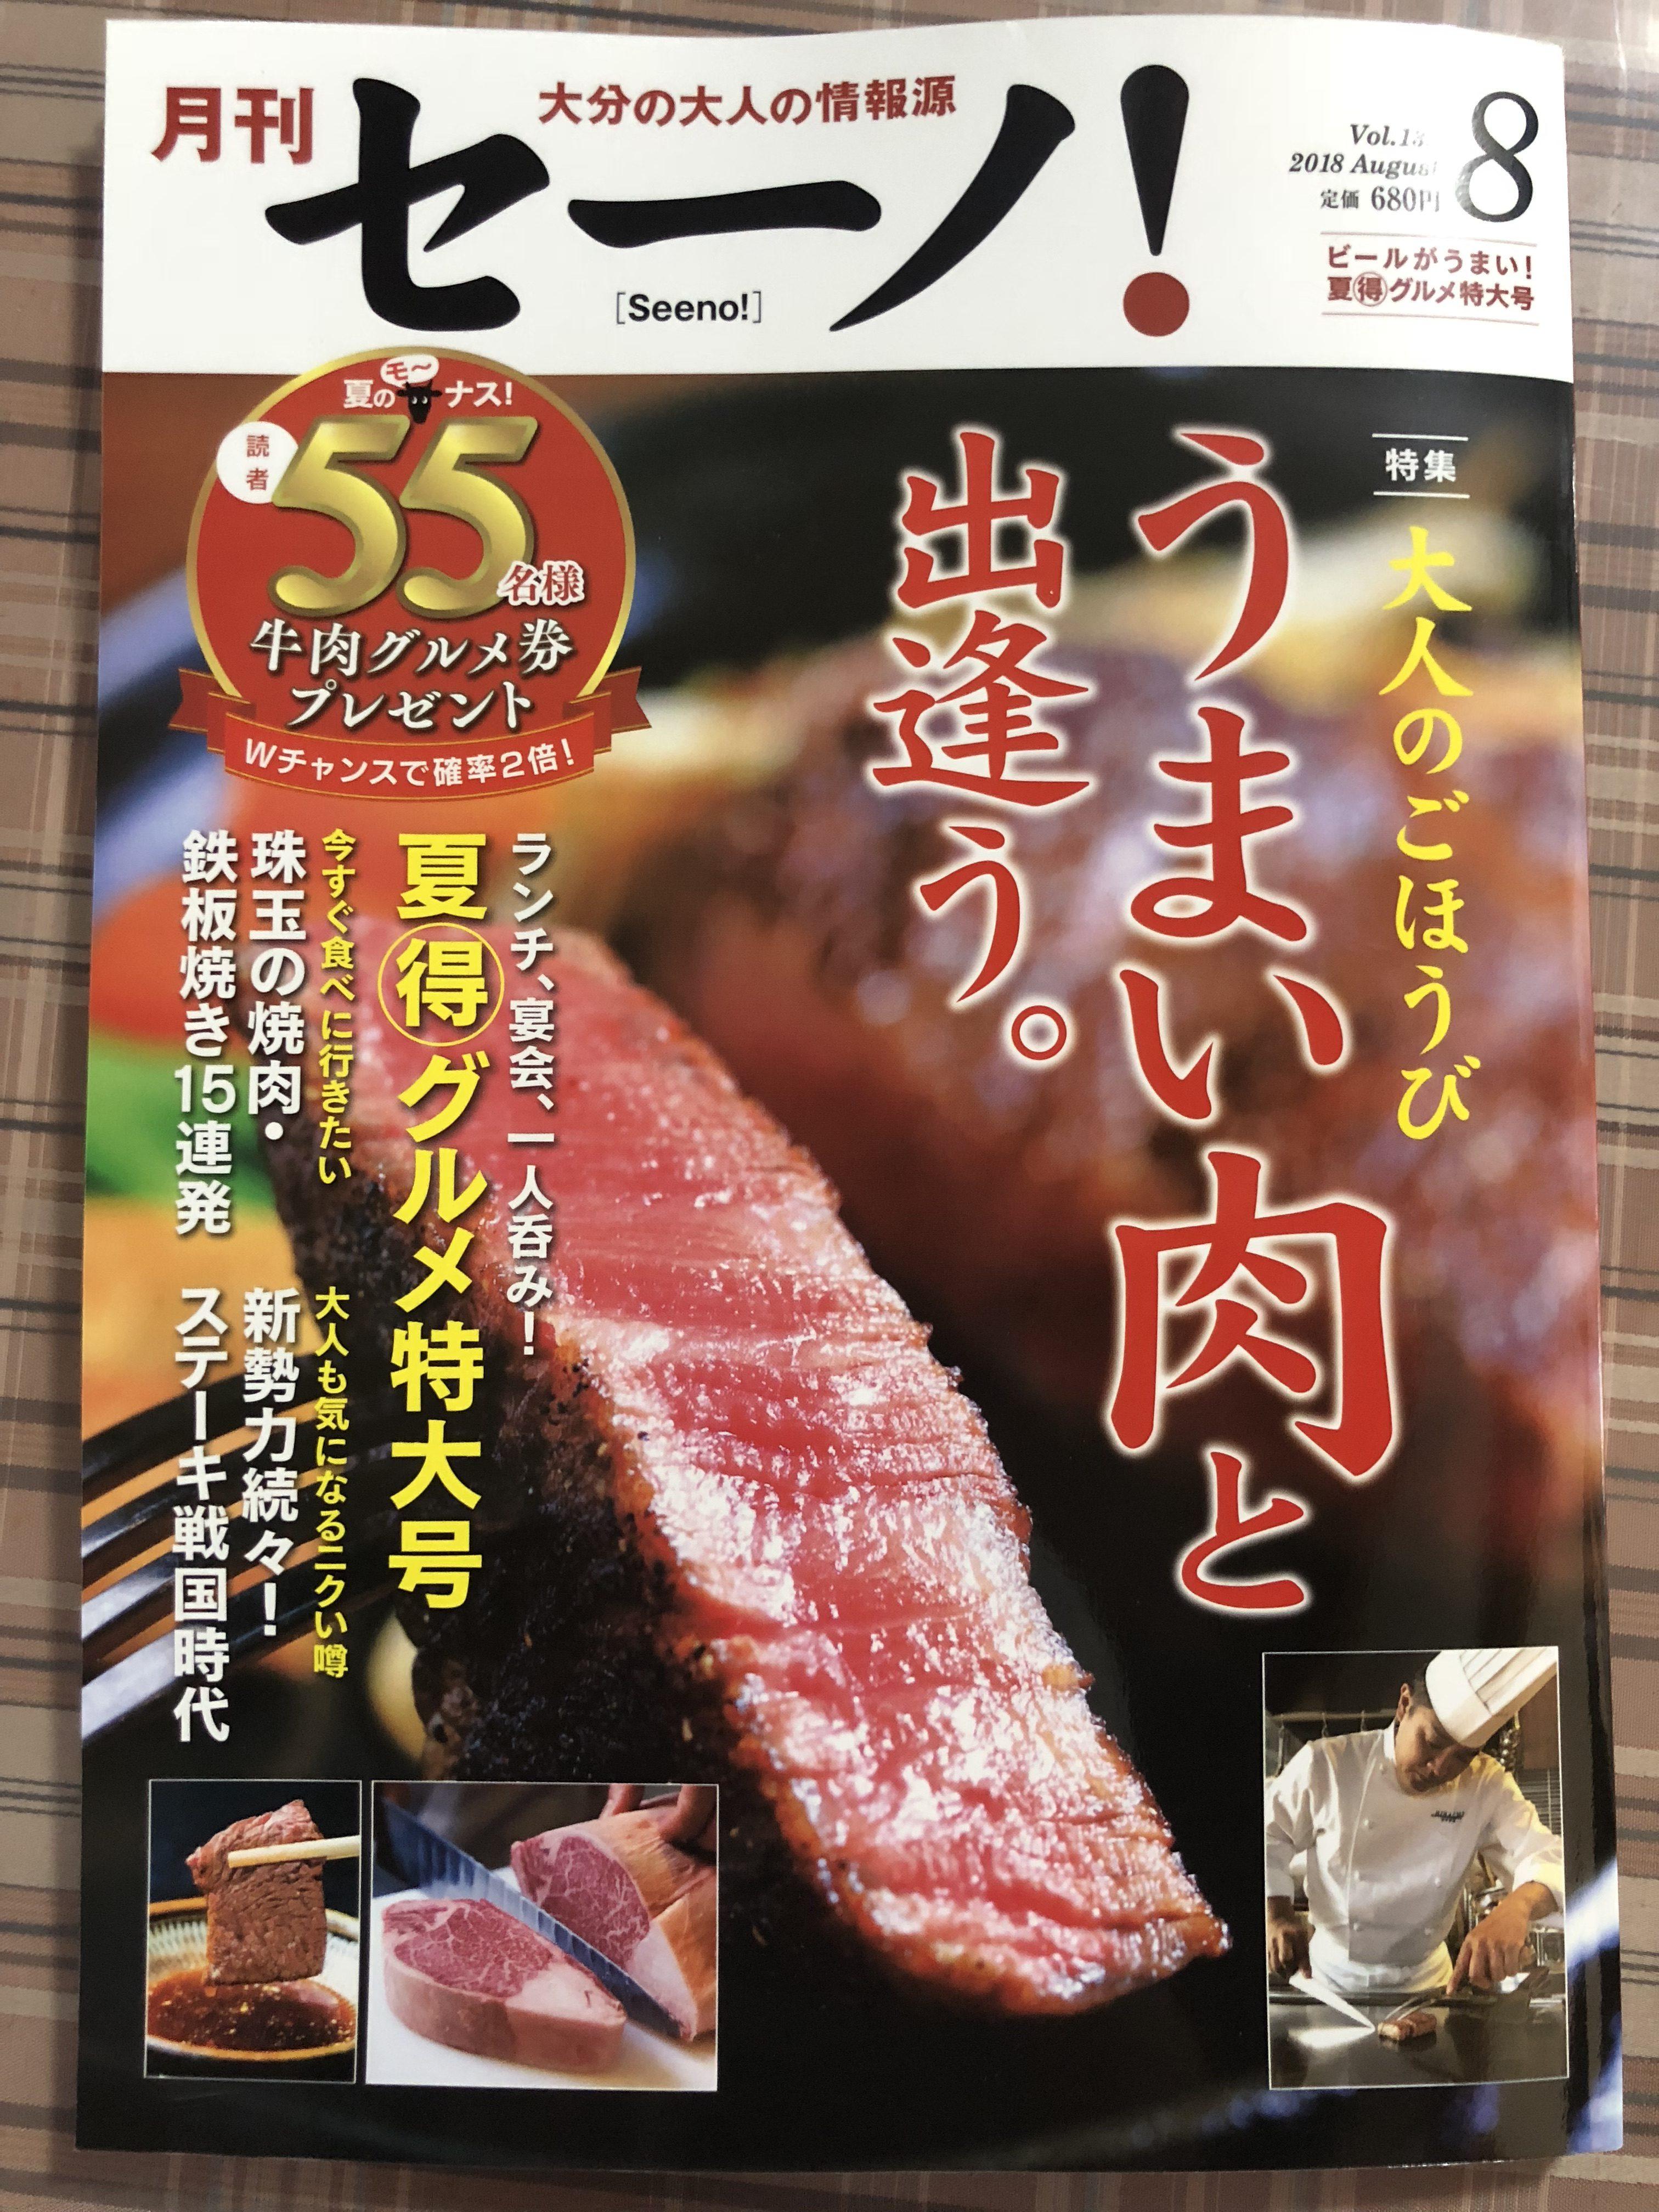 月刊セーノ! 8月号 『大分の老舗物語』にて弊社が掲載されております。